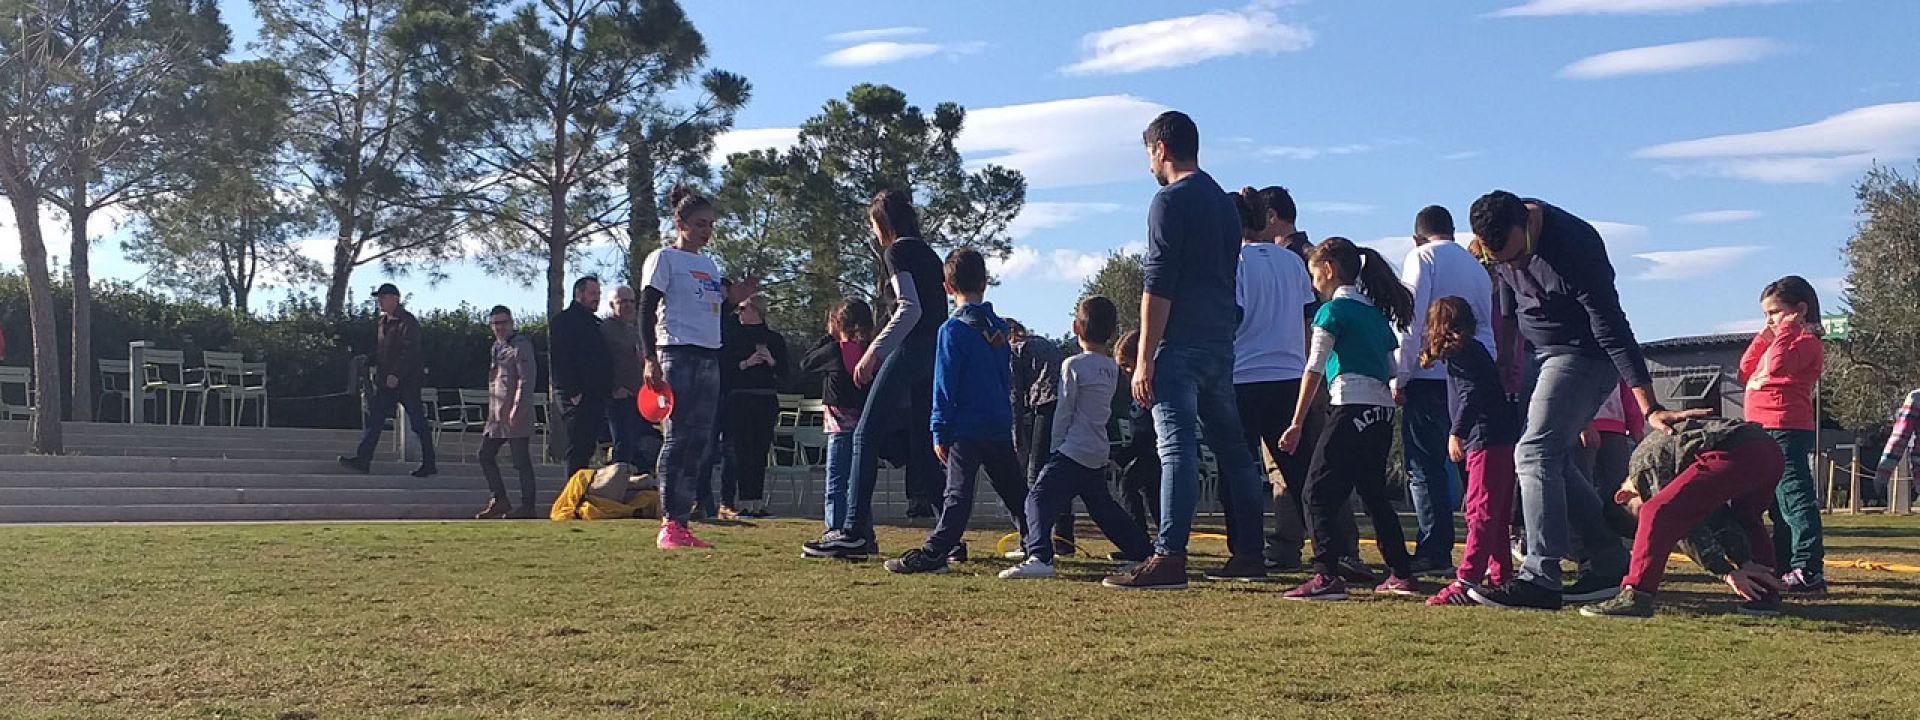 Φωτογραφία από παιχνίδια και δραστηριότητες στο Πάρκο Σταύρος Νιάρχος